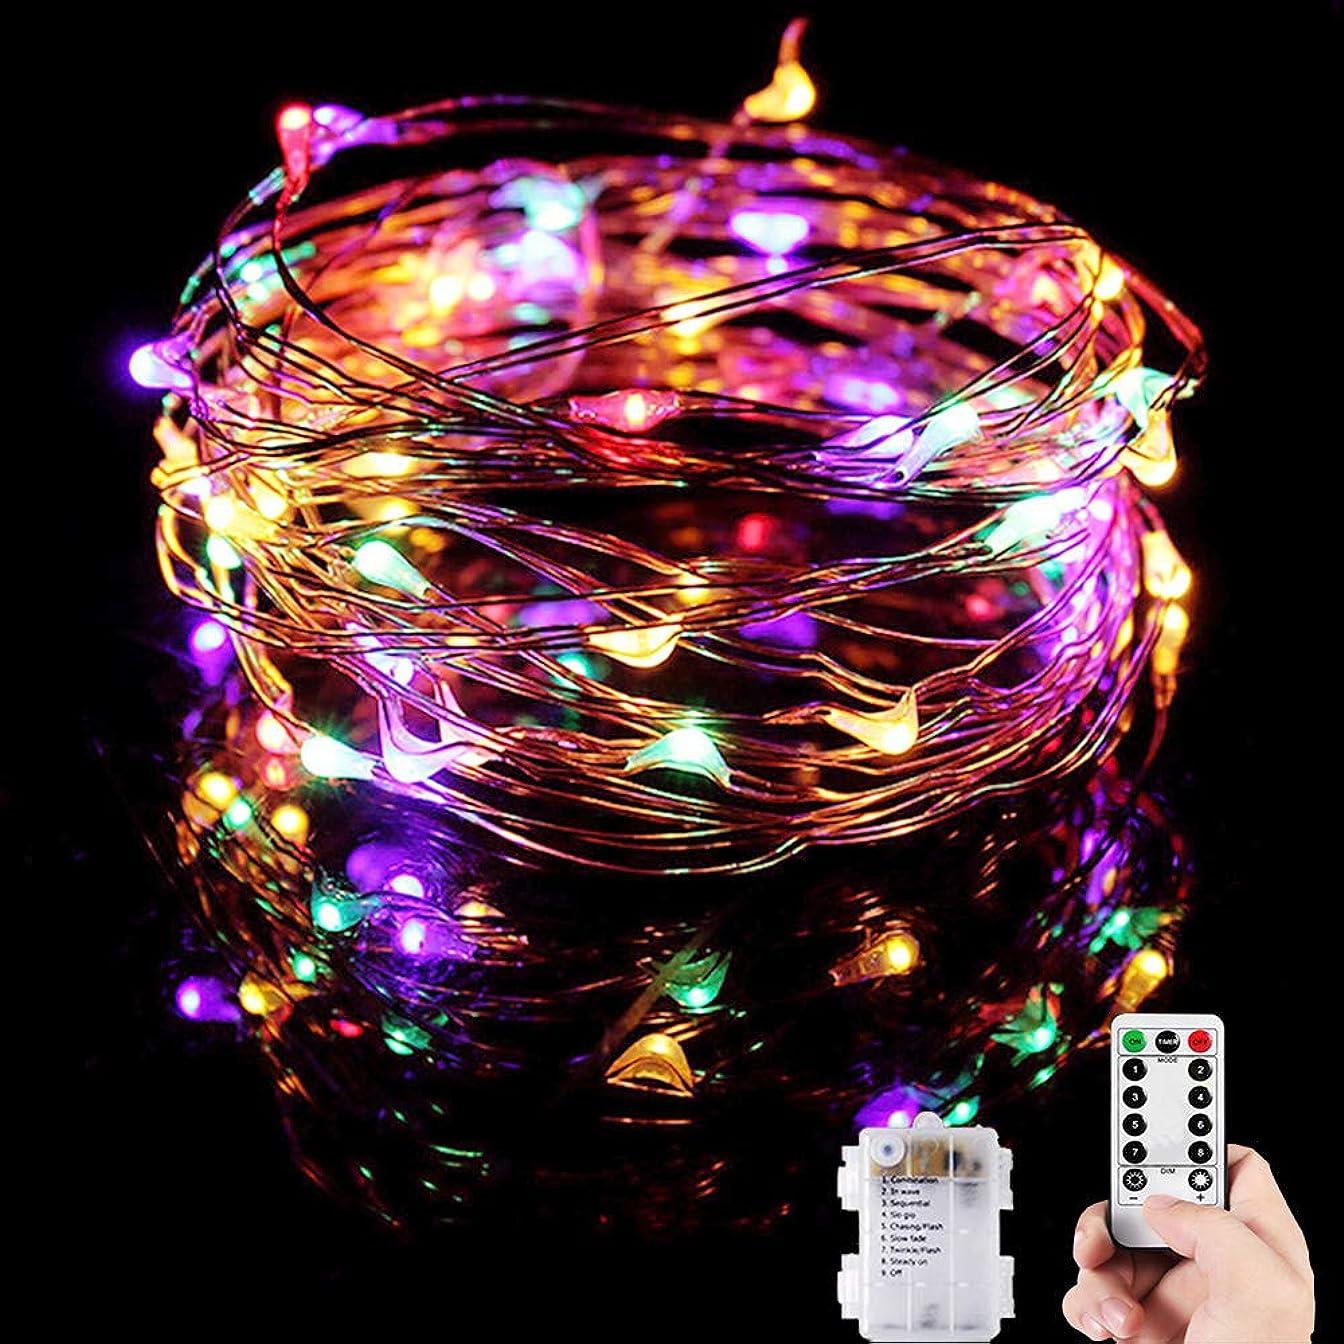 チューリップライター透けるイルミネーションライト 電池式 神戸ルミナリエ 飾り ジュエリーライト 8パターン 点滅 点灯 タイマー機能 防水 防塵仕様 ストリングライト 10メートル 100 LED電球 電池式 LED ライト リモコン付き 屋外 室内 ガーデンライト 正月 クリスマス 飾り 誕生日 電飾 (レインボー)